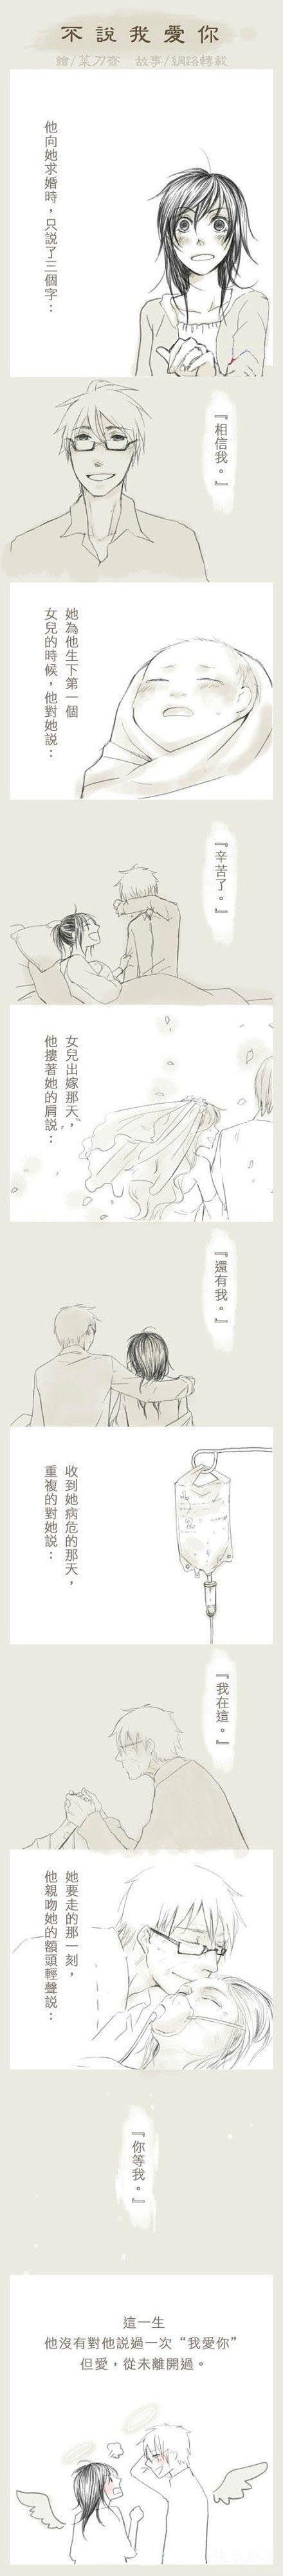 """这一生他未说过""""我爱你"""",但爱 ,从未离开过。"""